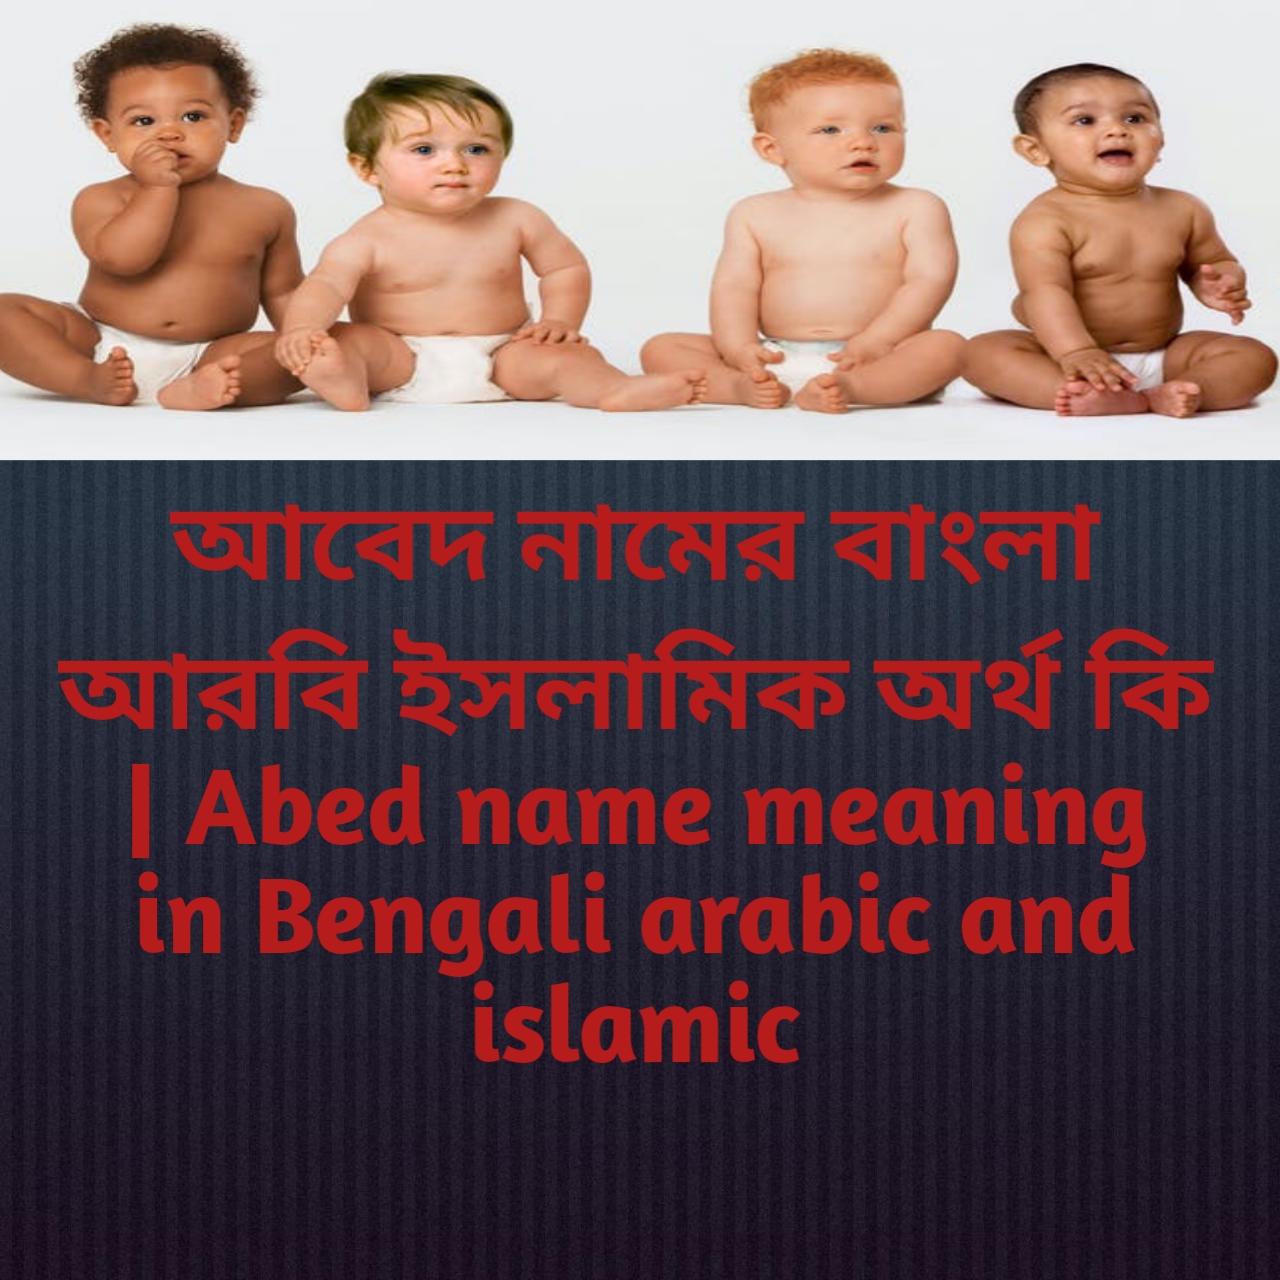 আবেদ নামের অর্থ কি, আবেদ নামের বাংলা অর্থ কি, আবেদ নামের ইসলামিক অর্থ কি, Abed name meaning in Bengali, আবেদ কি ইসলামিক নাম,